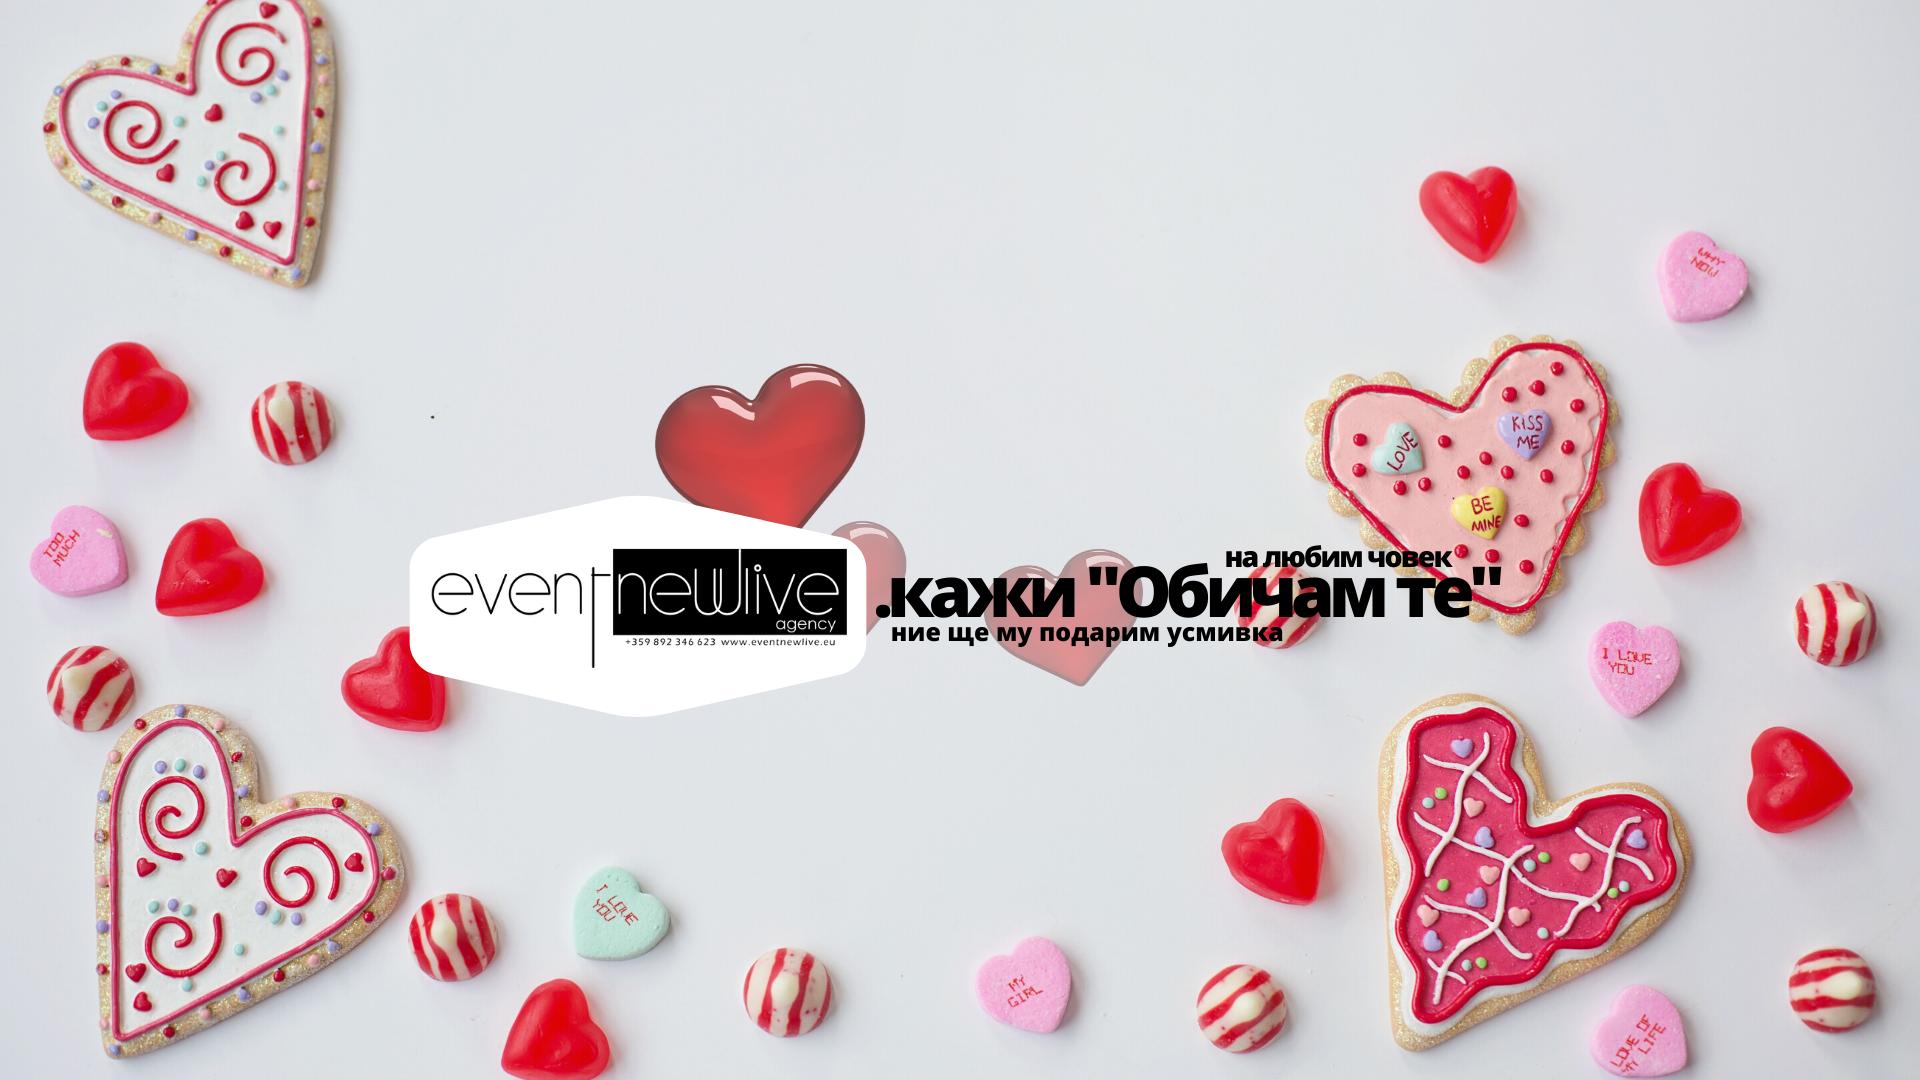 Те казаха: Обичам те!, Event NewLive Agency, цялостна организация на сватби, балове и фирмени и частни партита